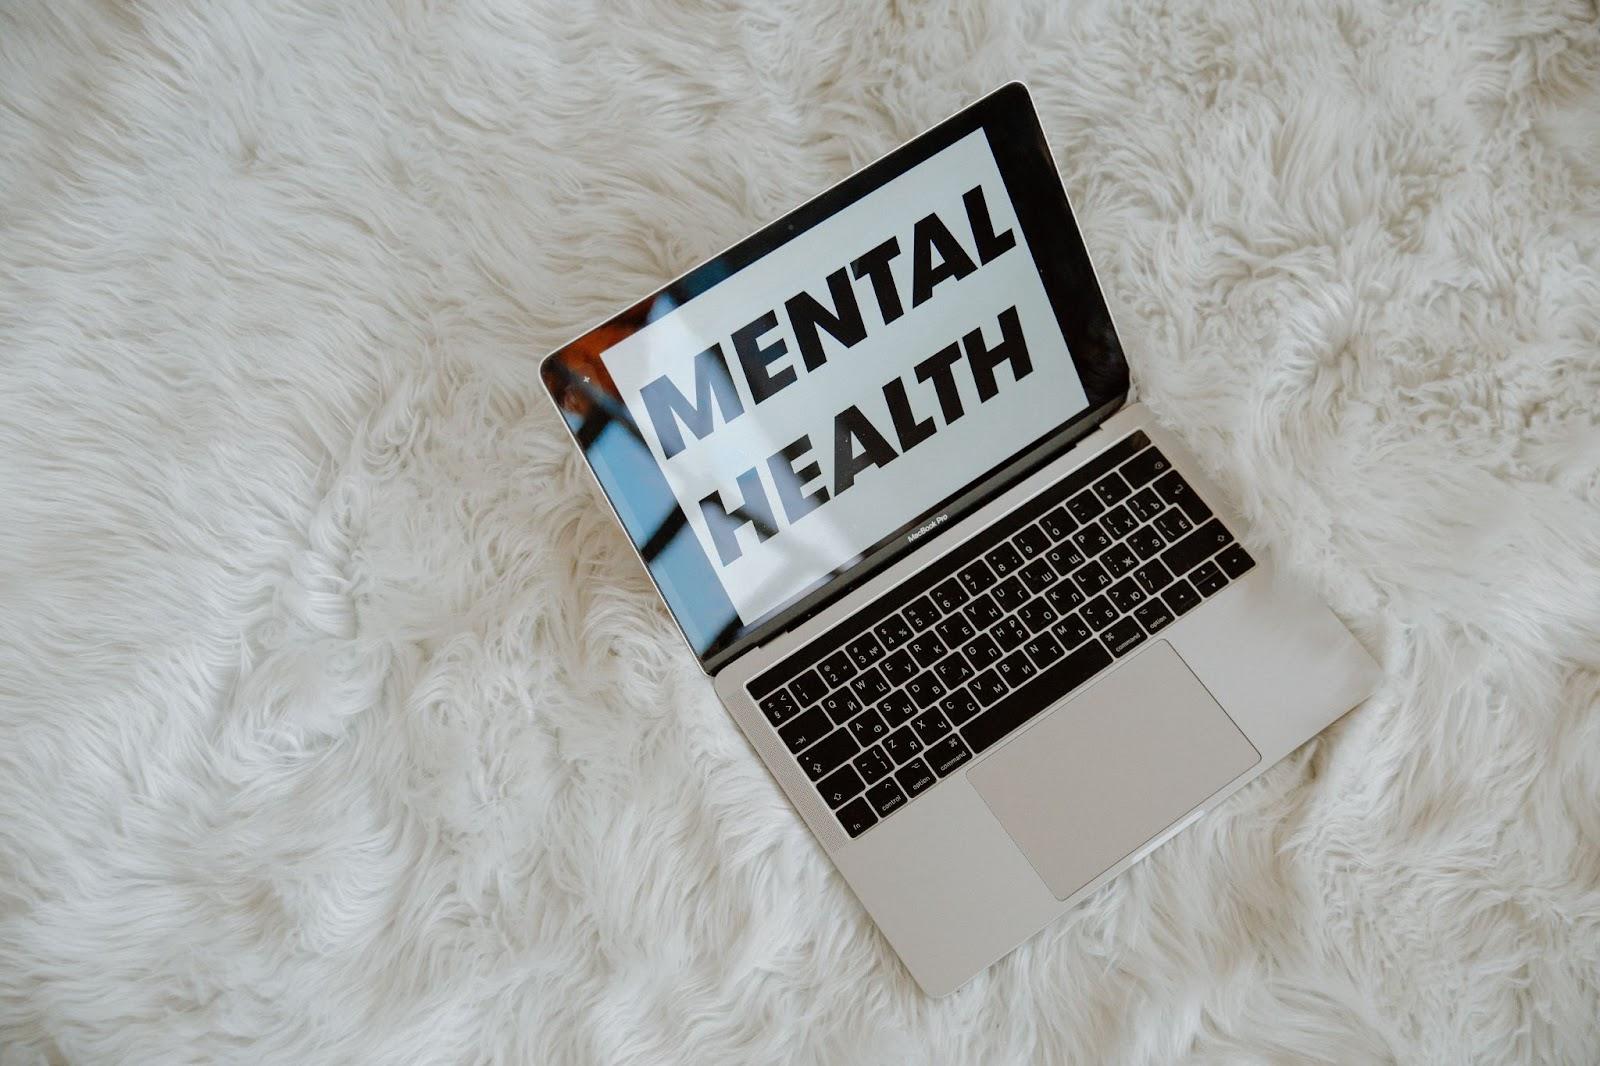 nápis mentální zdraví v notebooku položeném na koberci